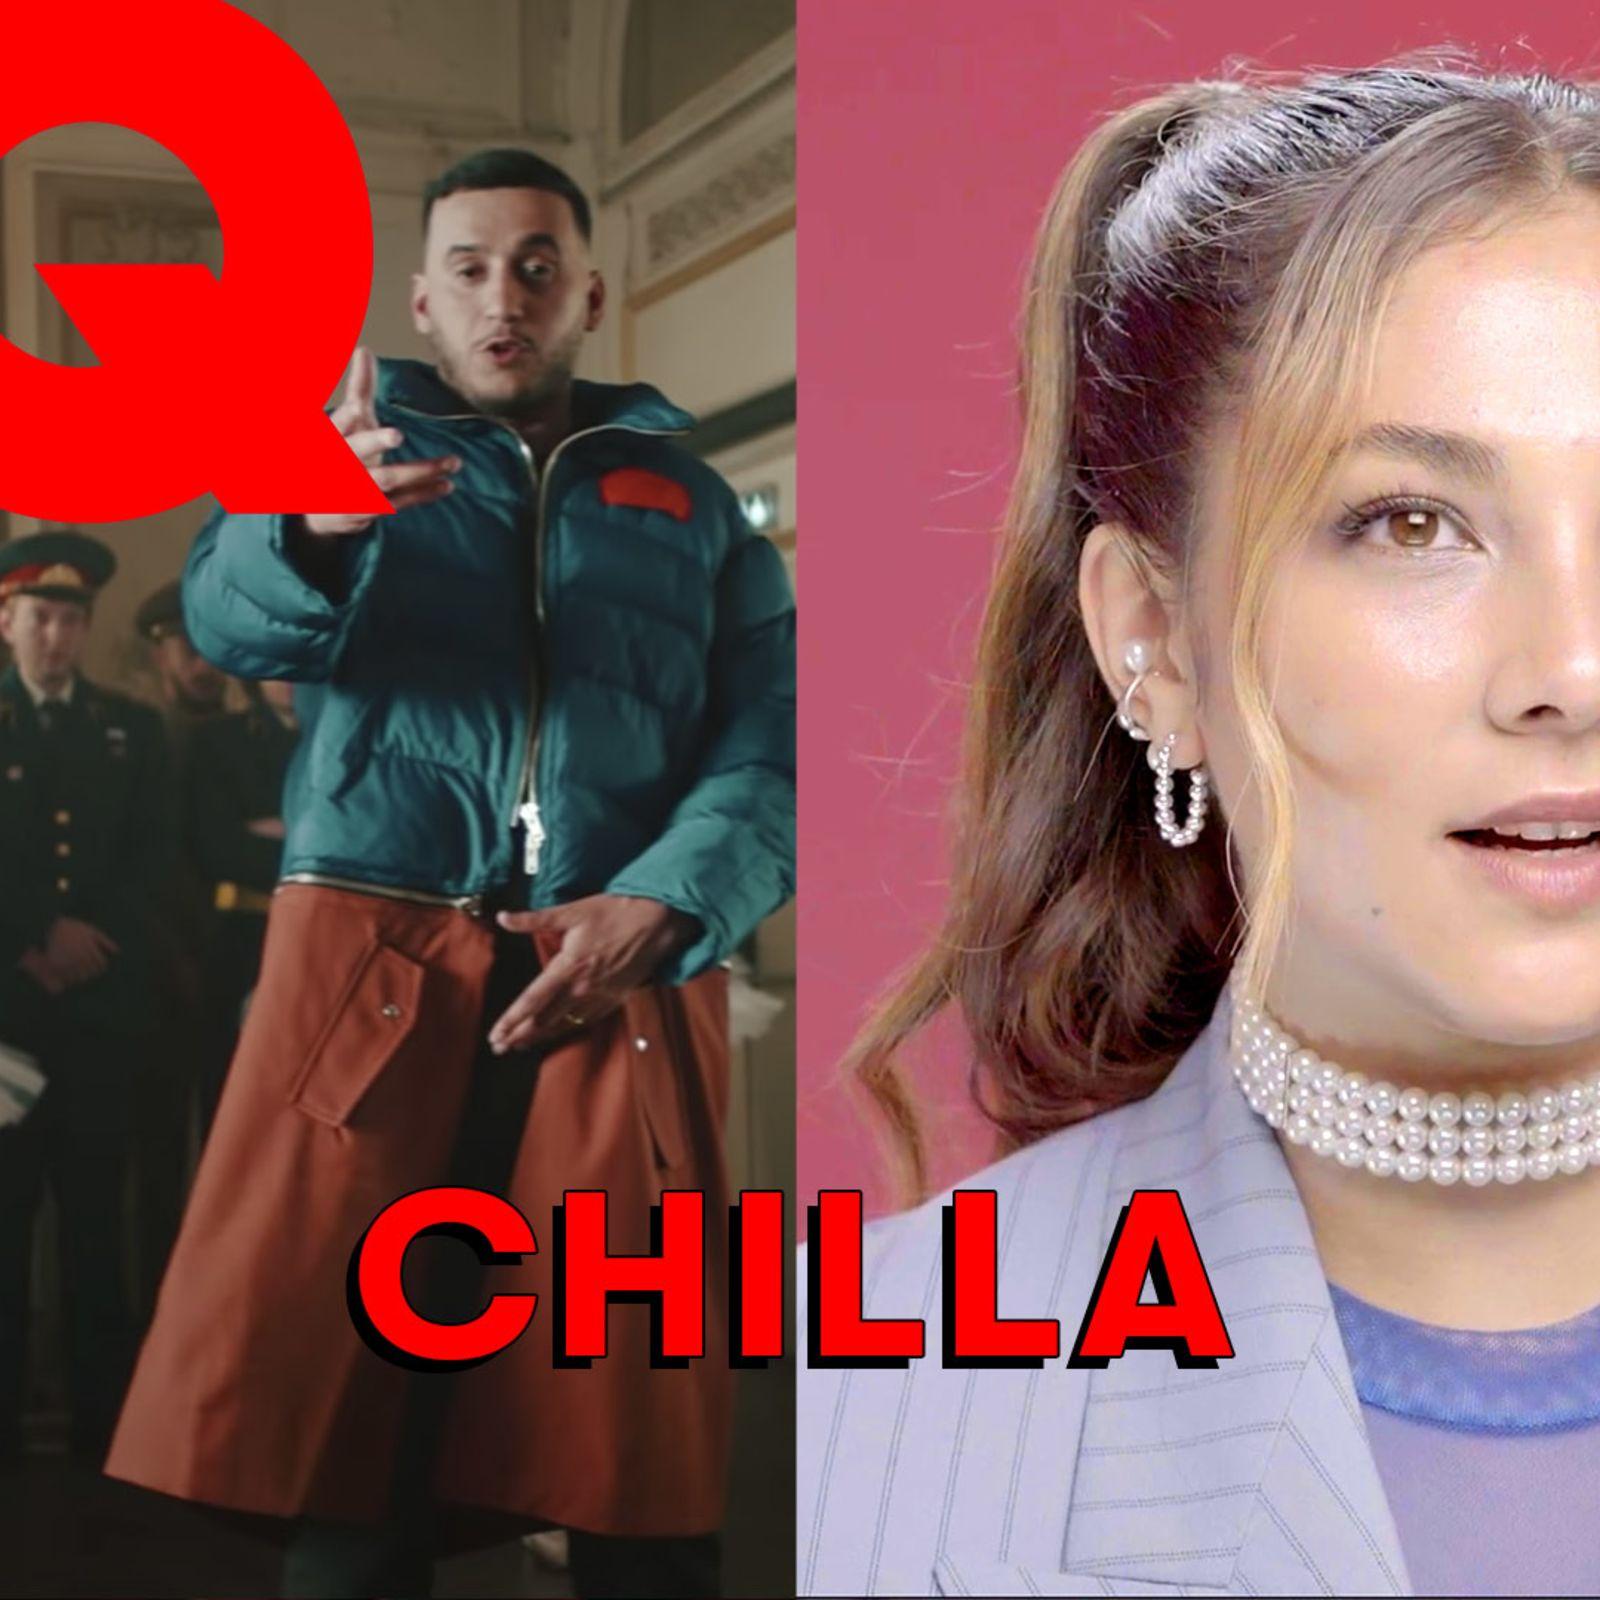 Chilla juge le rap français : Laylow, Lala &ce, Kanis, Soso Maness